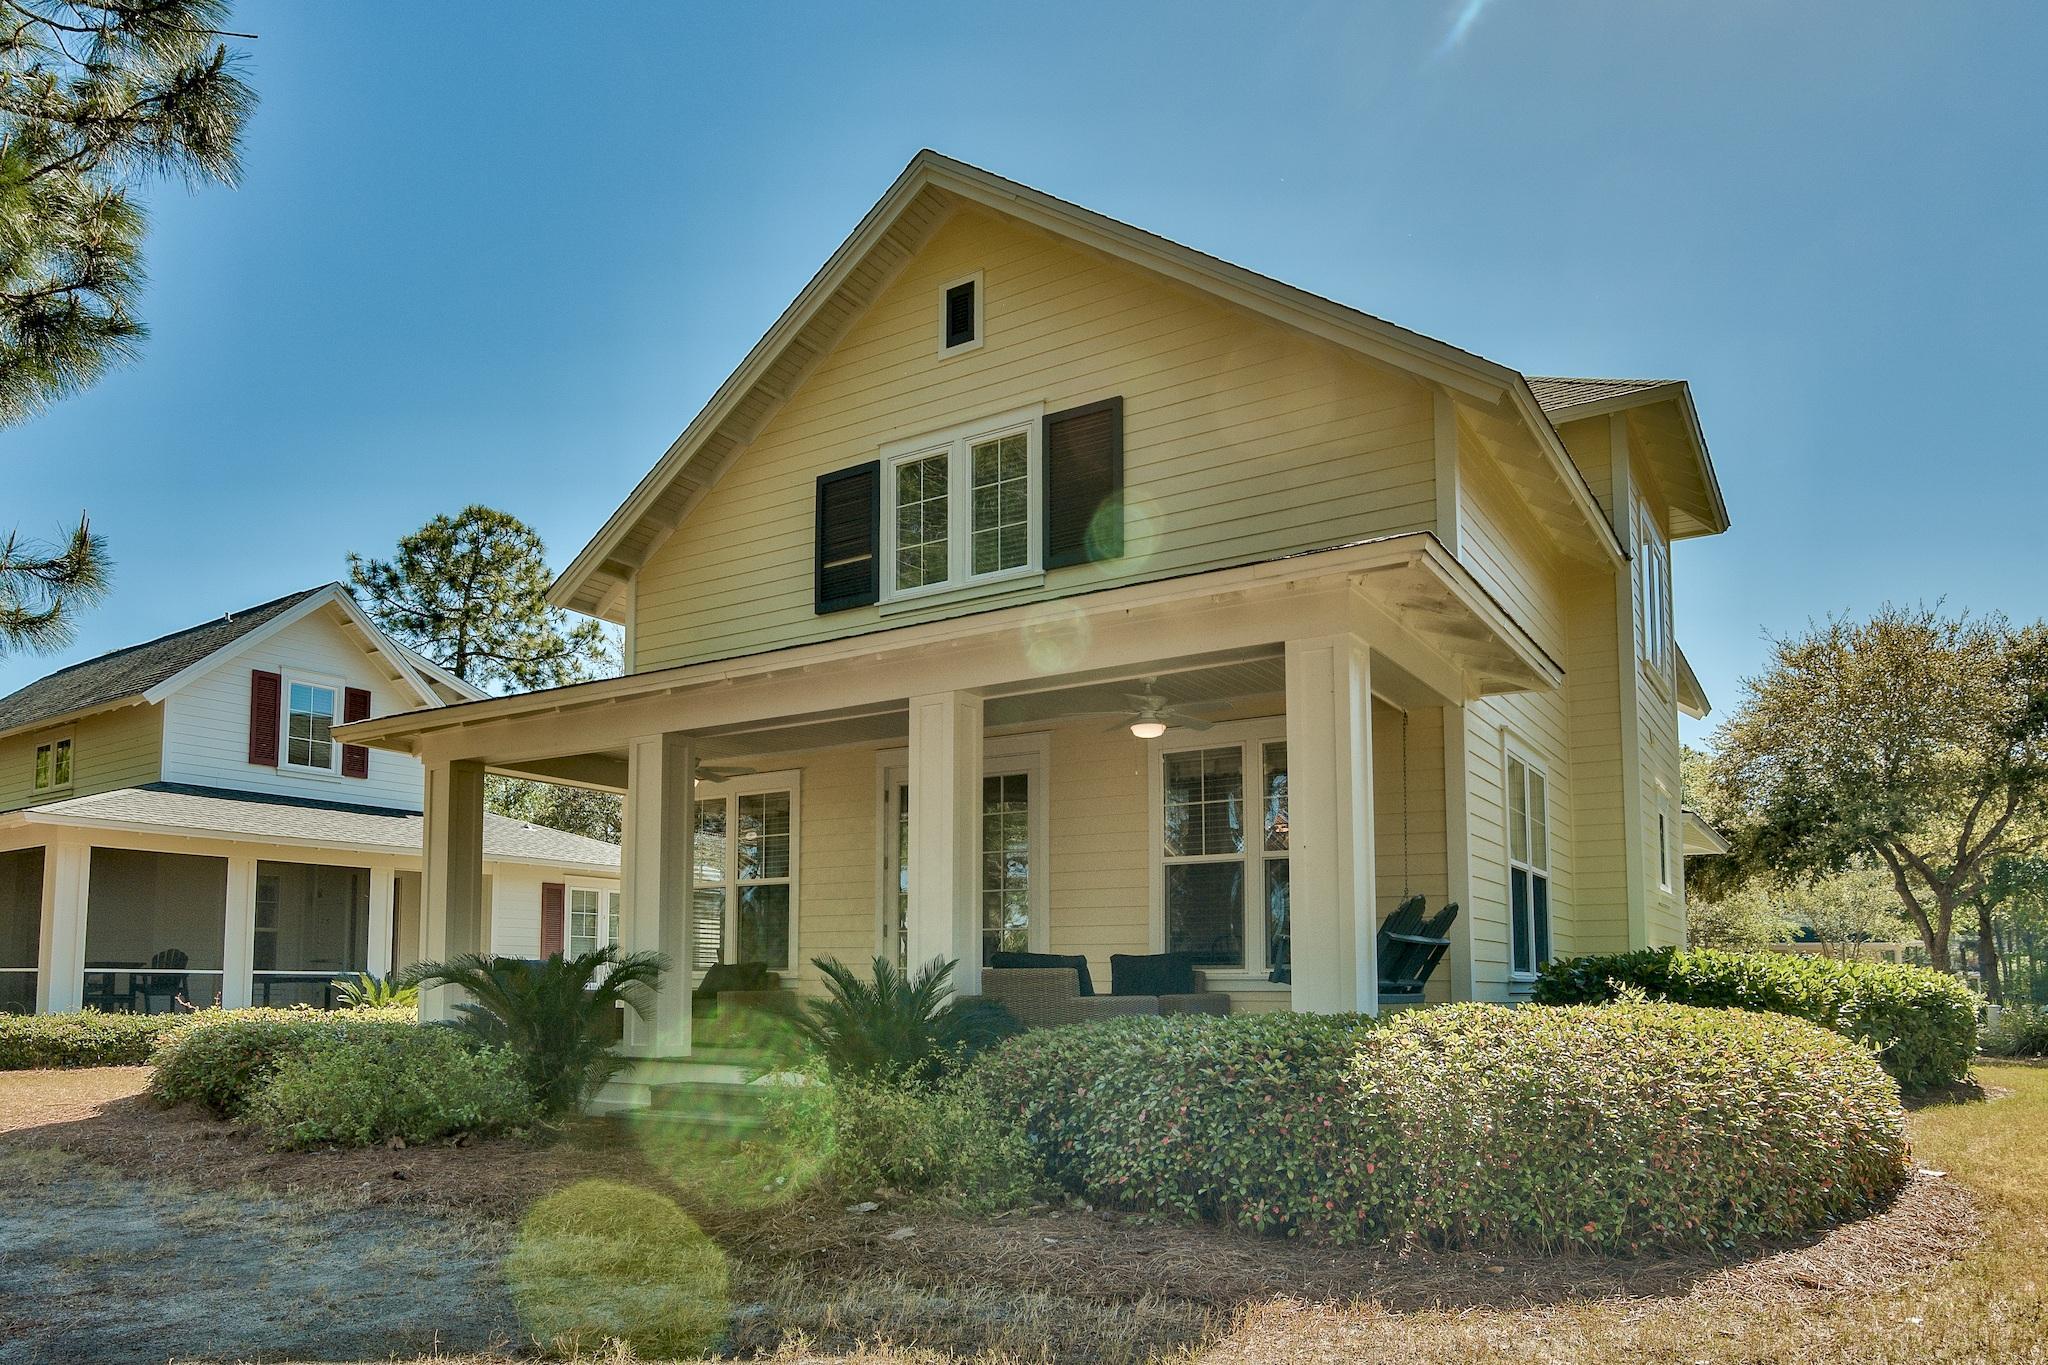 Photo of home for sale at 1374 Ravens Run, Miramar Beach FL